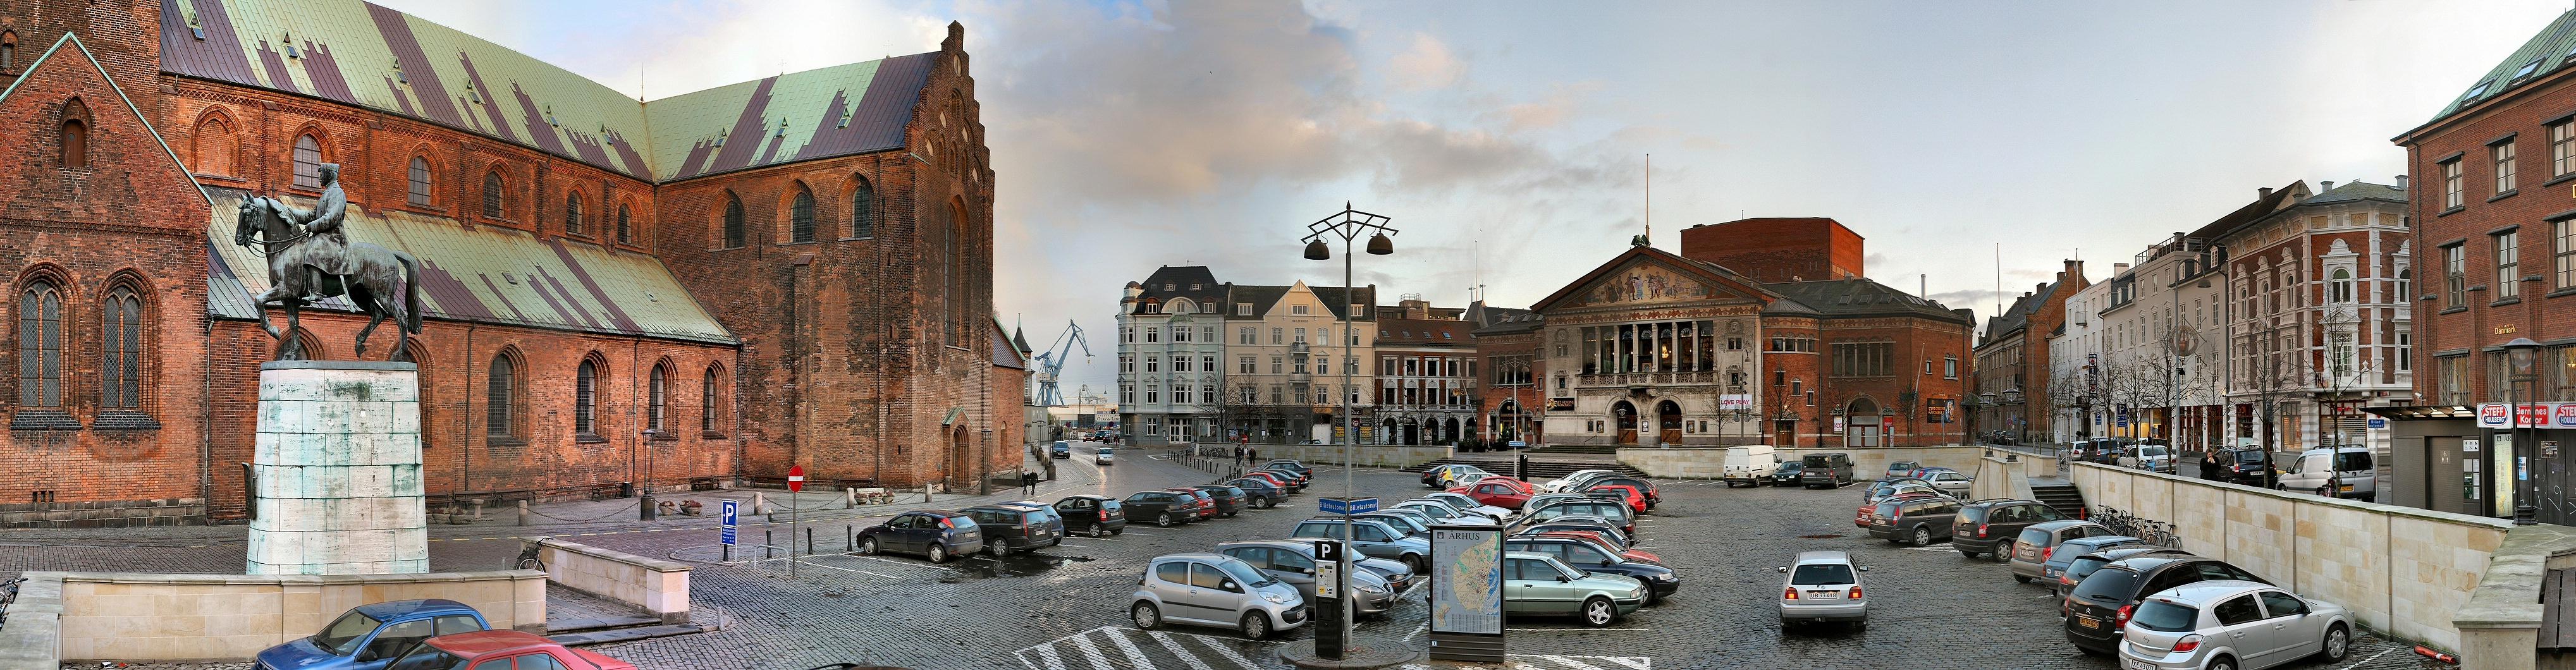 Центр Орхуса. Слева – Кафедральный собор и памятник королю Христиану Х, на дальнем плане в центре – здание театра.